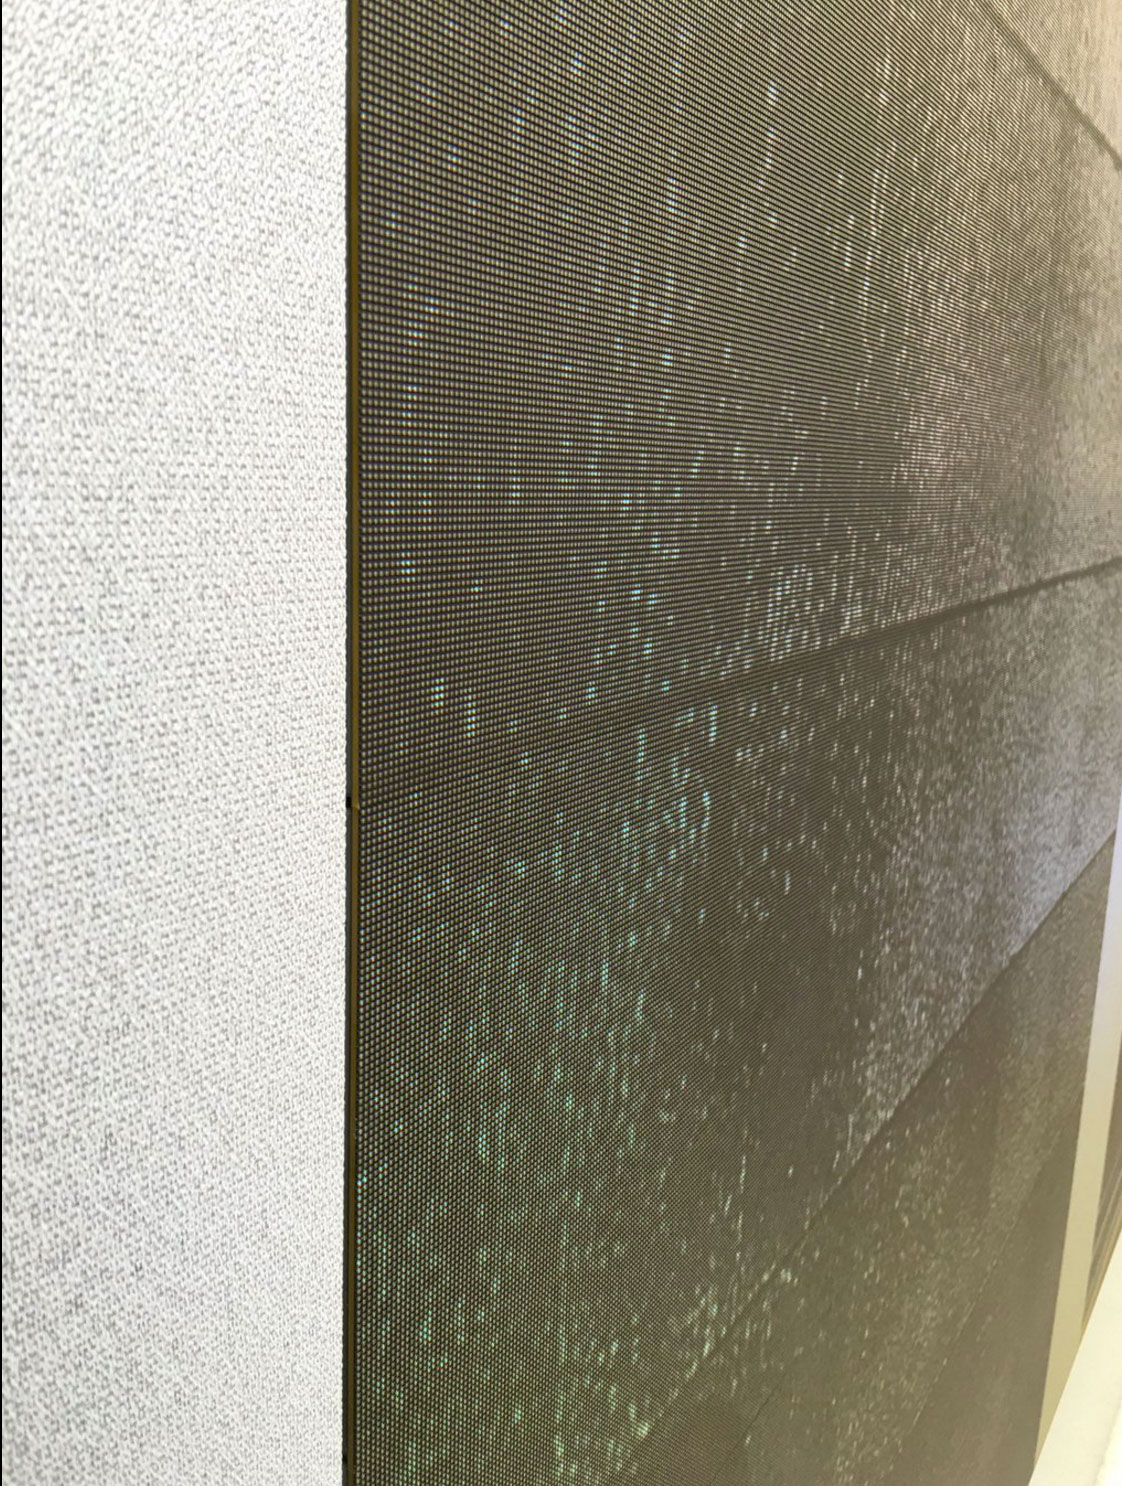 Muro LED de la Apple Store de Unison Square